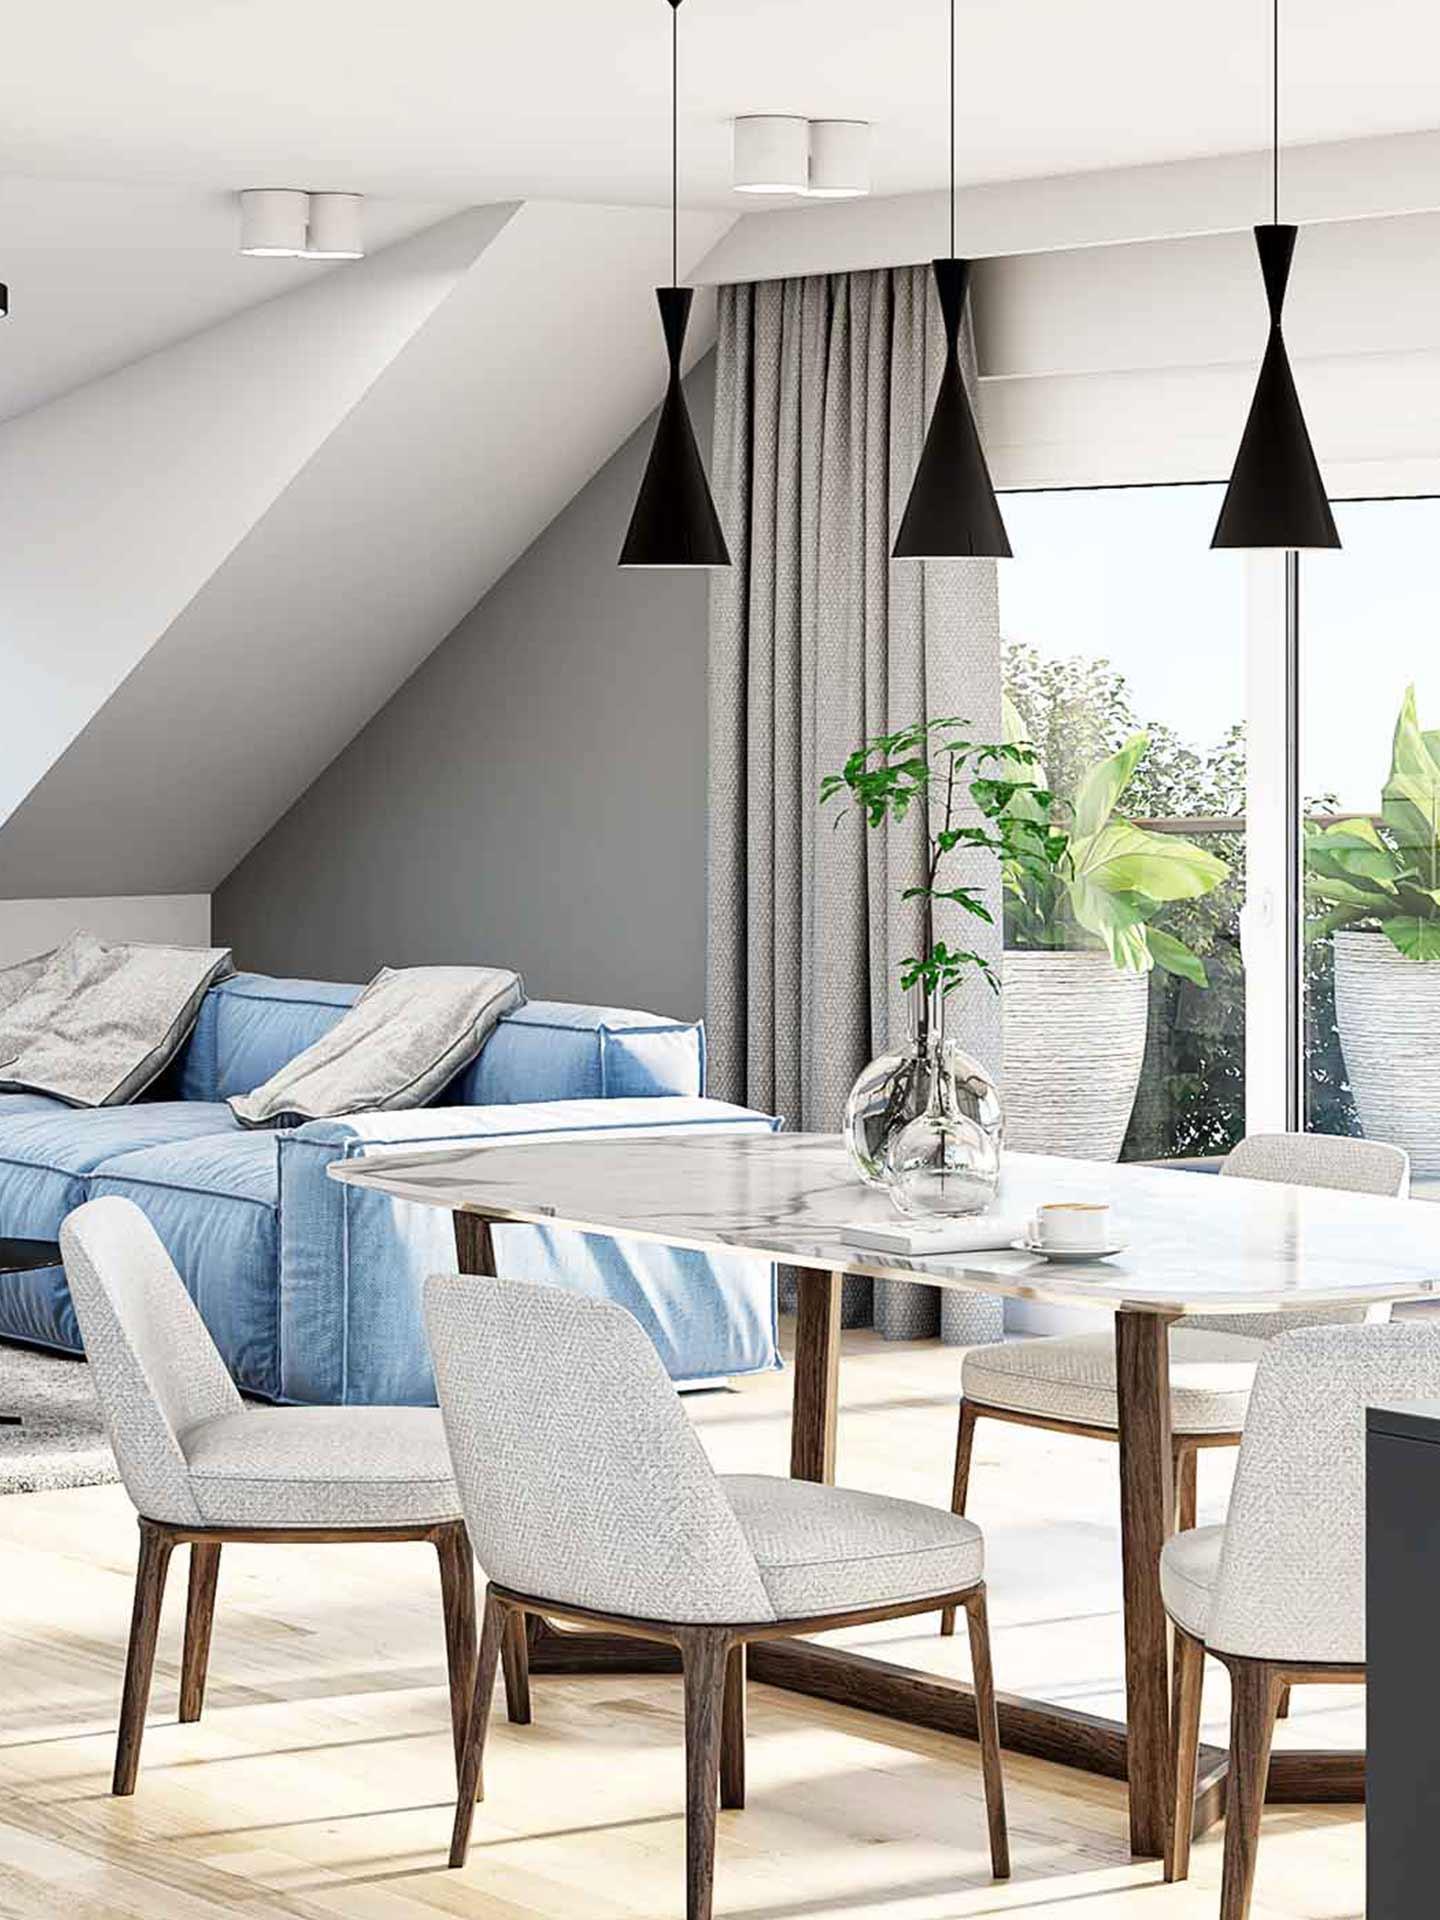 Brockhaus GmbH Immobilienmakler in Weinheim Bild private objekte